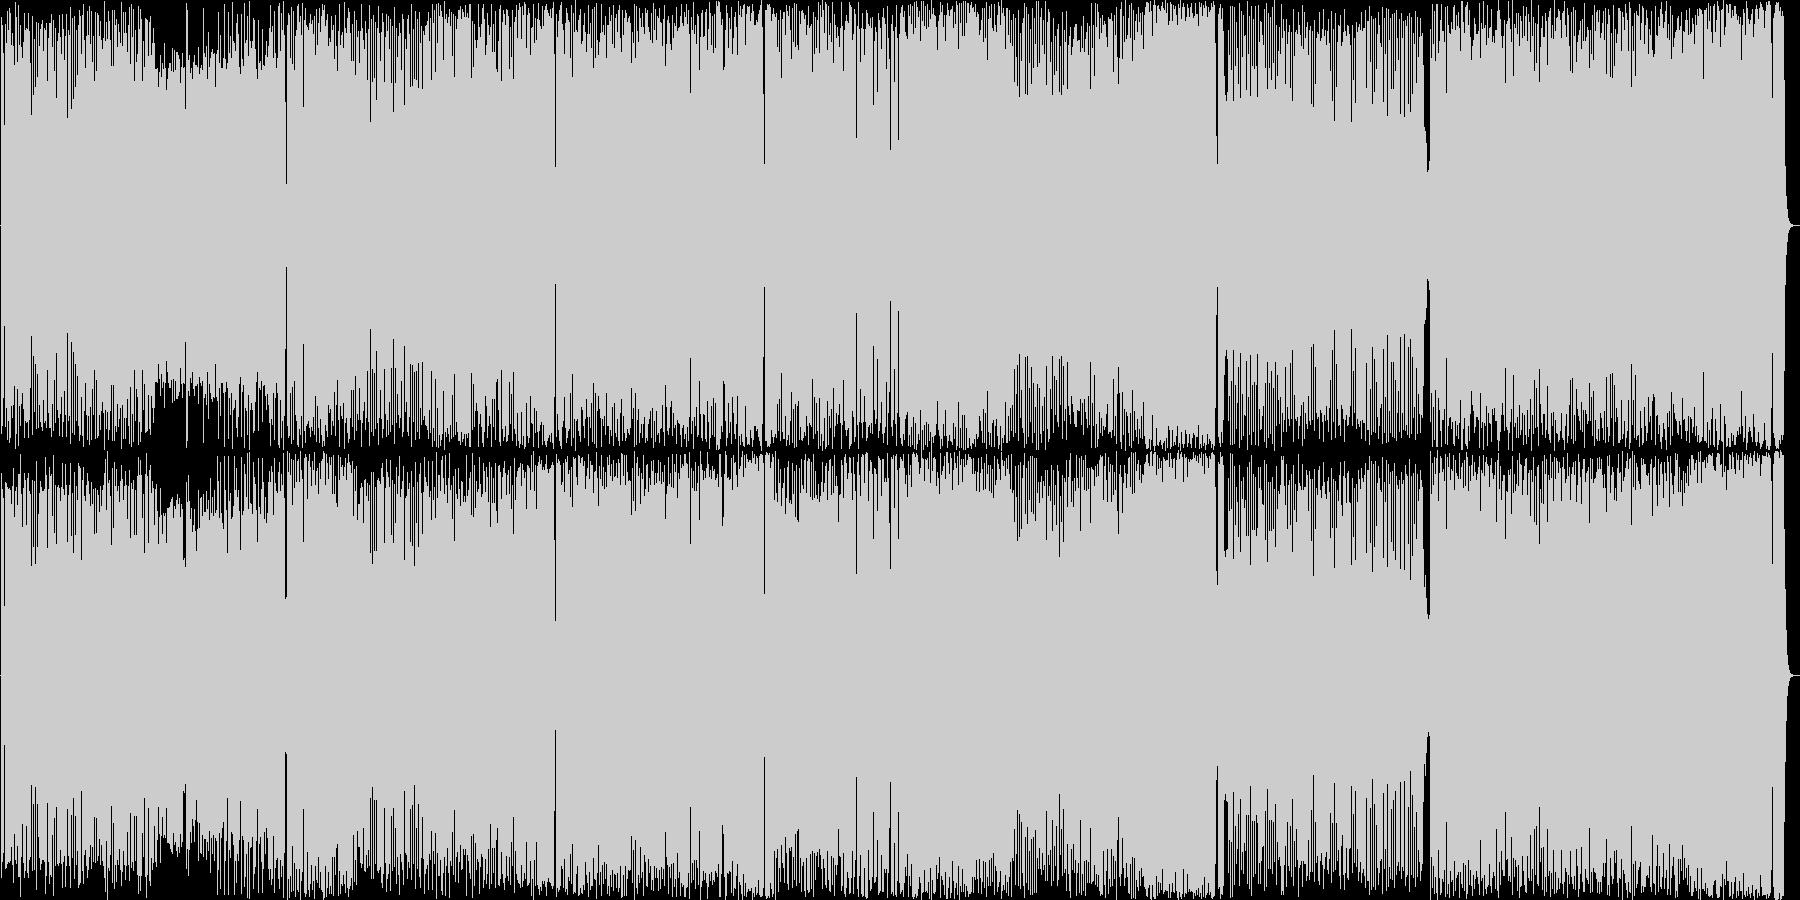 メタルとオーケストラのメロディアスな曲の未再生の波形